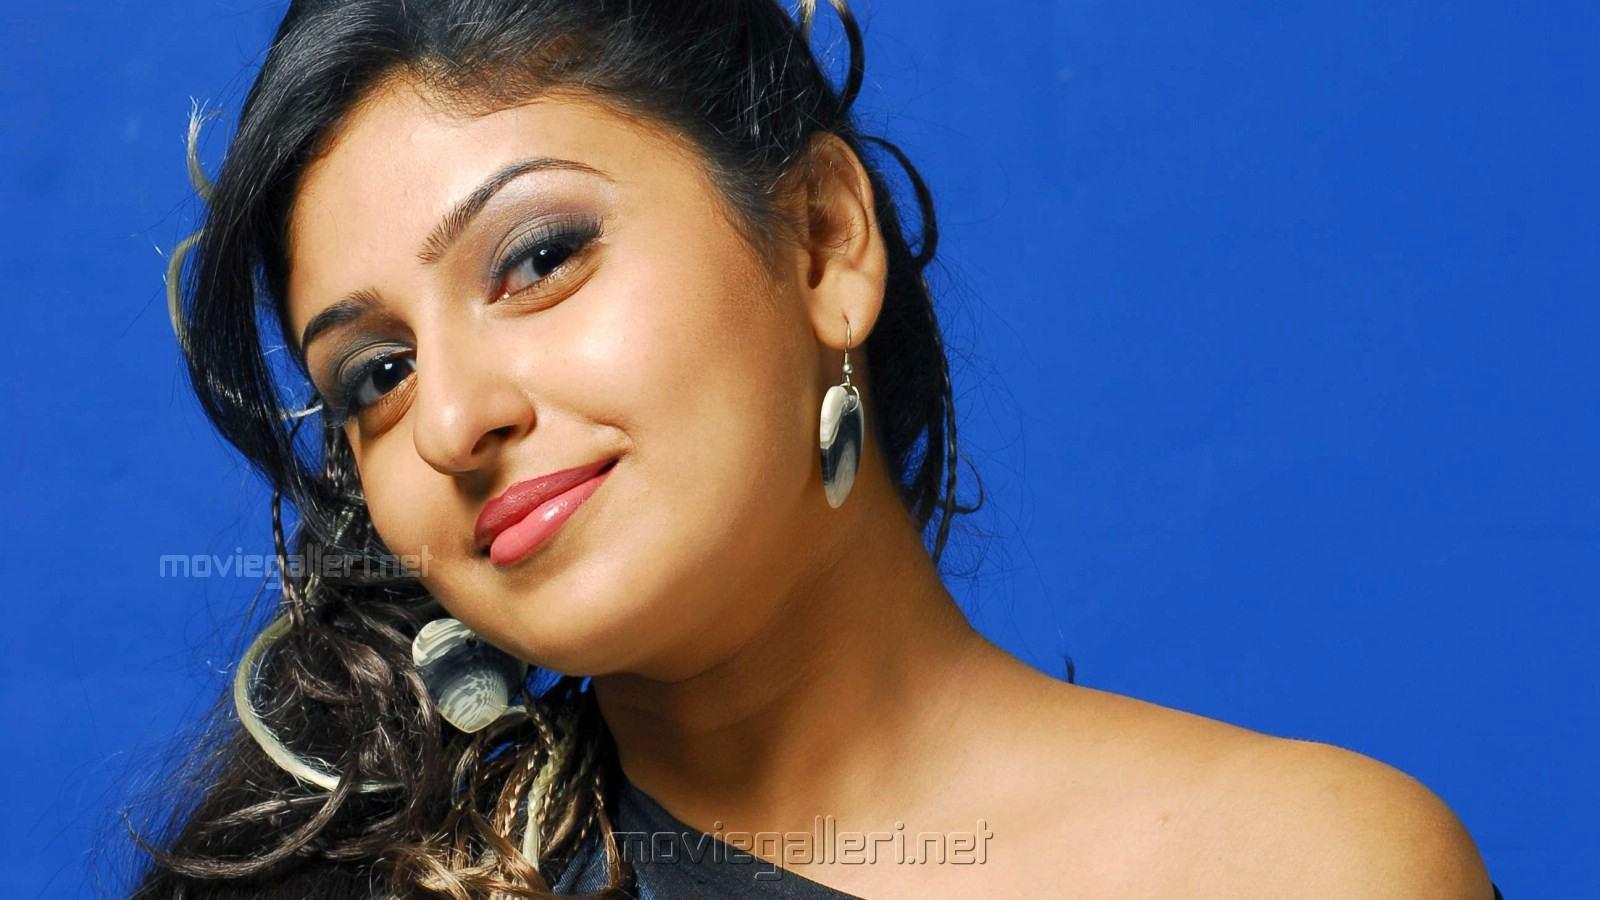 Actress hd wallpapers 1080p wallpapersafari - Tamil heroines hd wallpapers ...